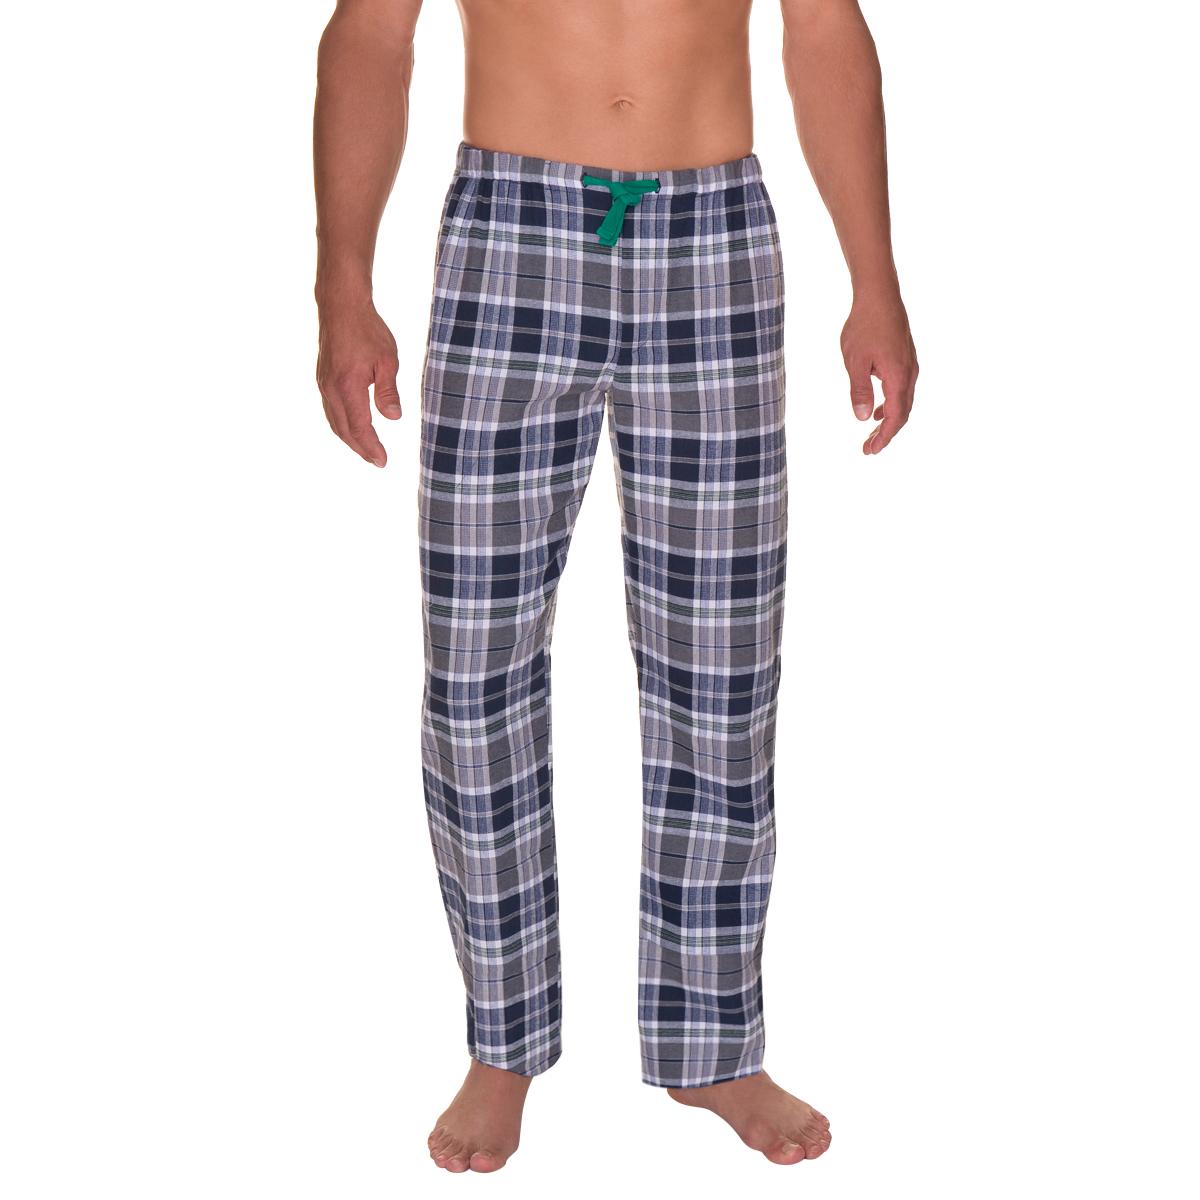 pantalon de pyjama bleu nuit imprim carreaux homme. Black Bedroom Furniture Sets. Home Design Ideas